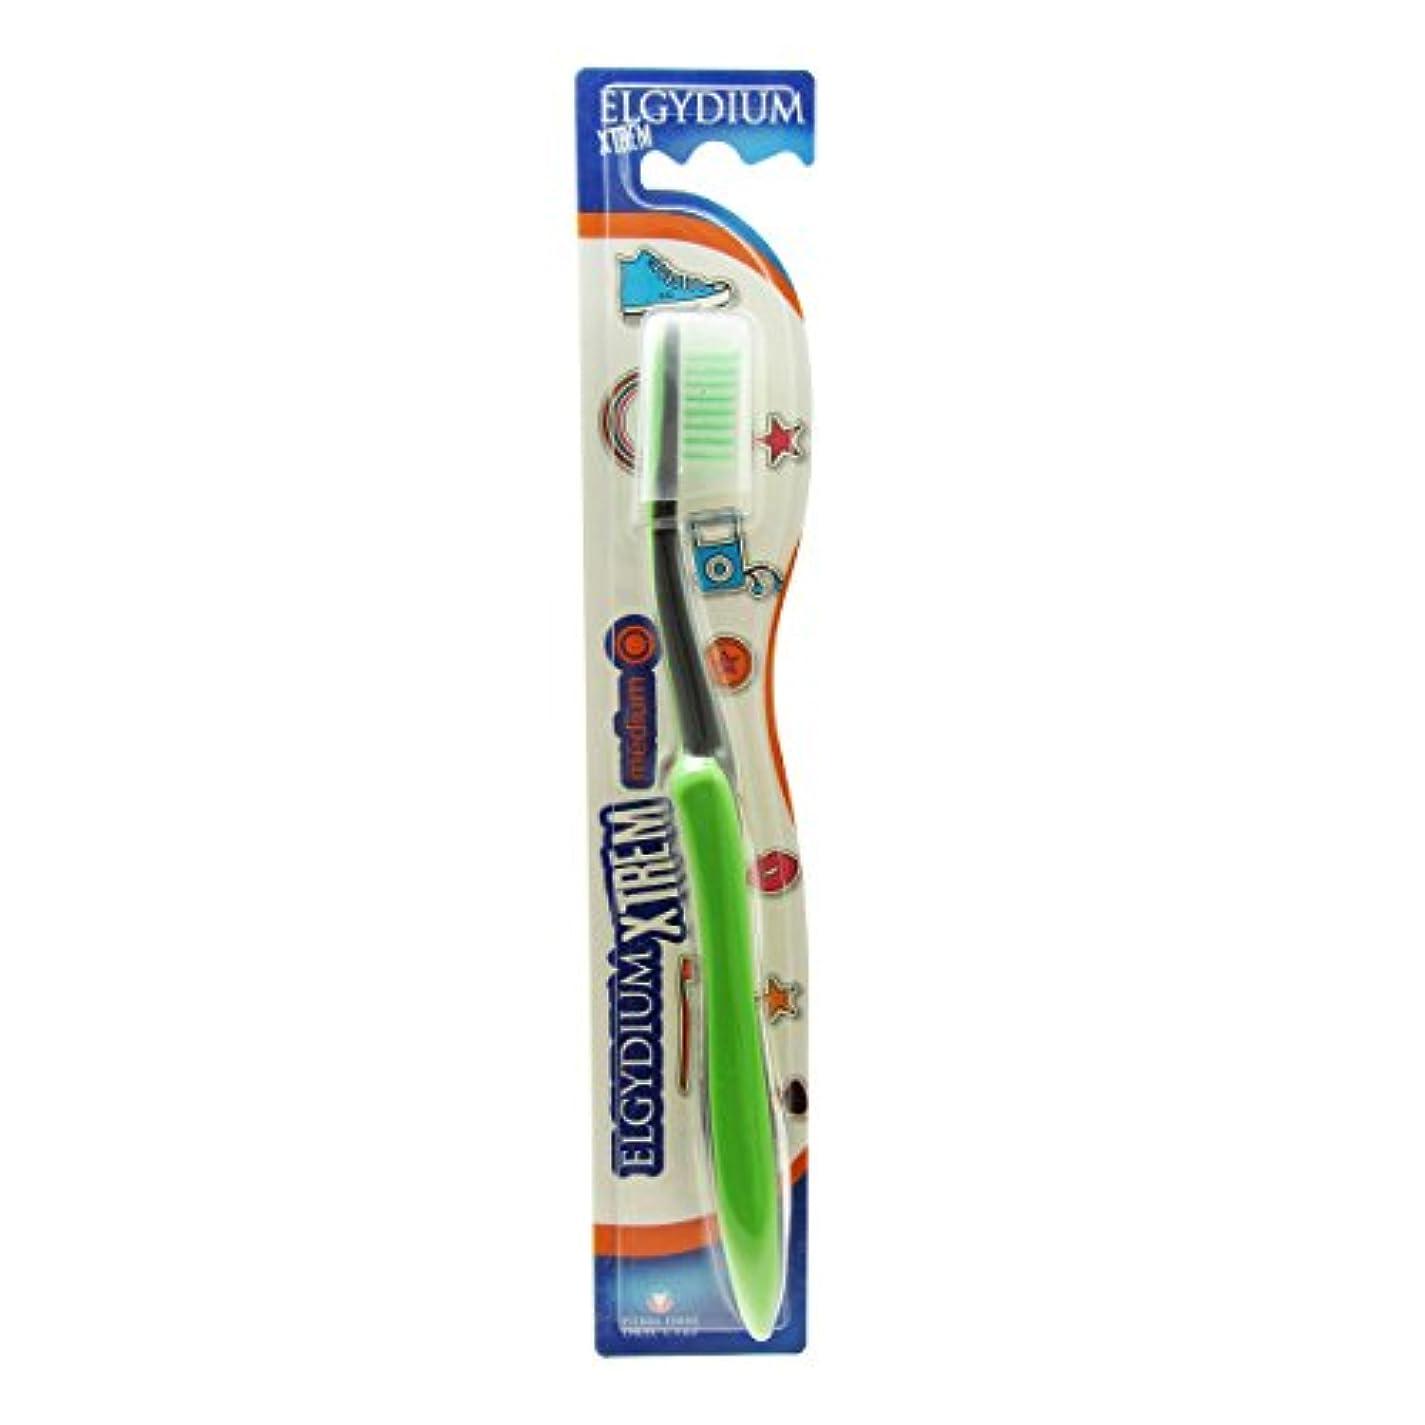 魔術かび臭い国籍Elgydium Xtrem Toothbrush Medium Hardness [並行輸入品]